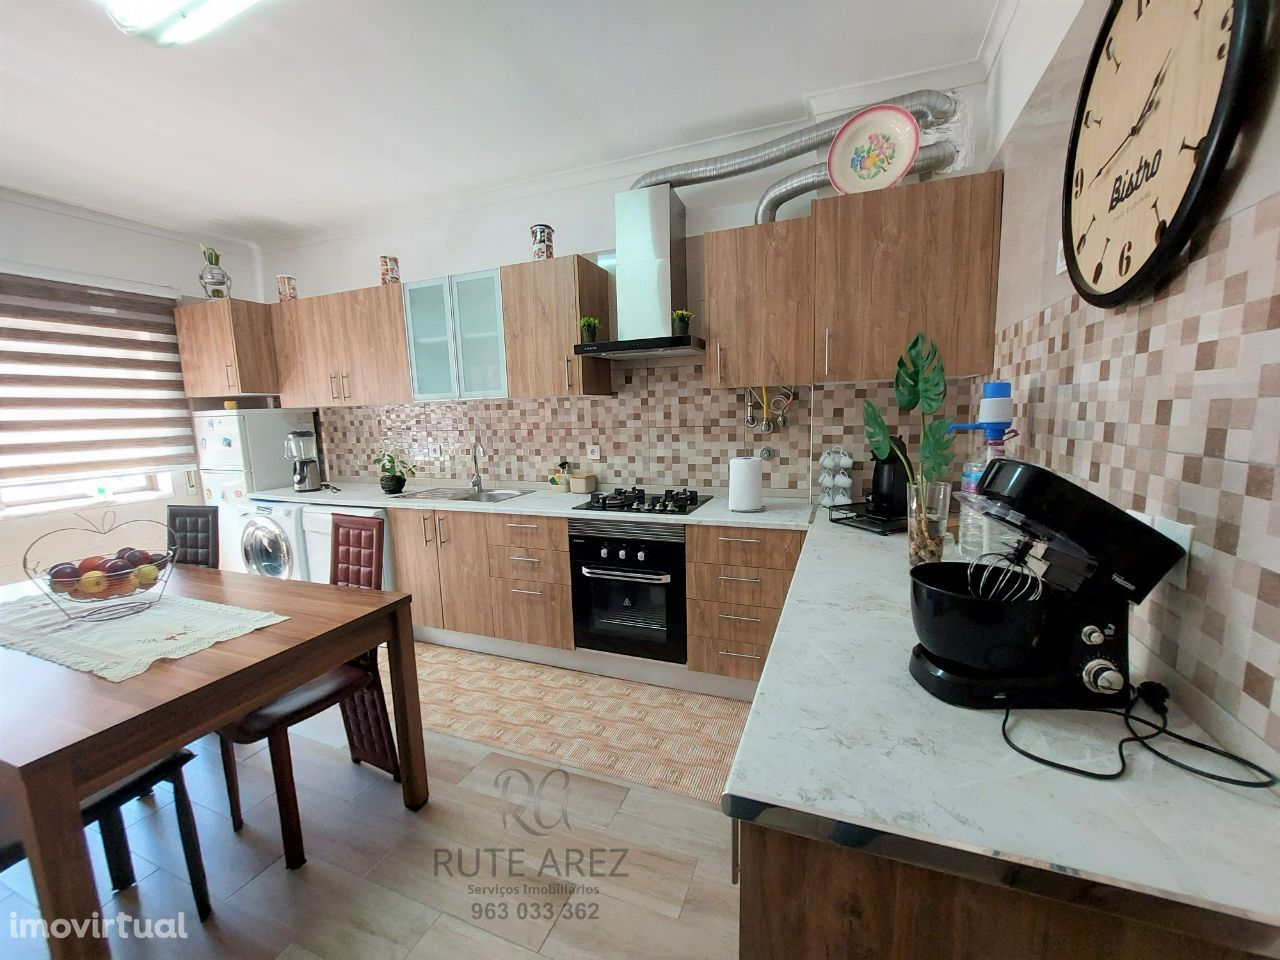 Apartamento T2 Pinhal Novo - Rua Bernardino Curado